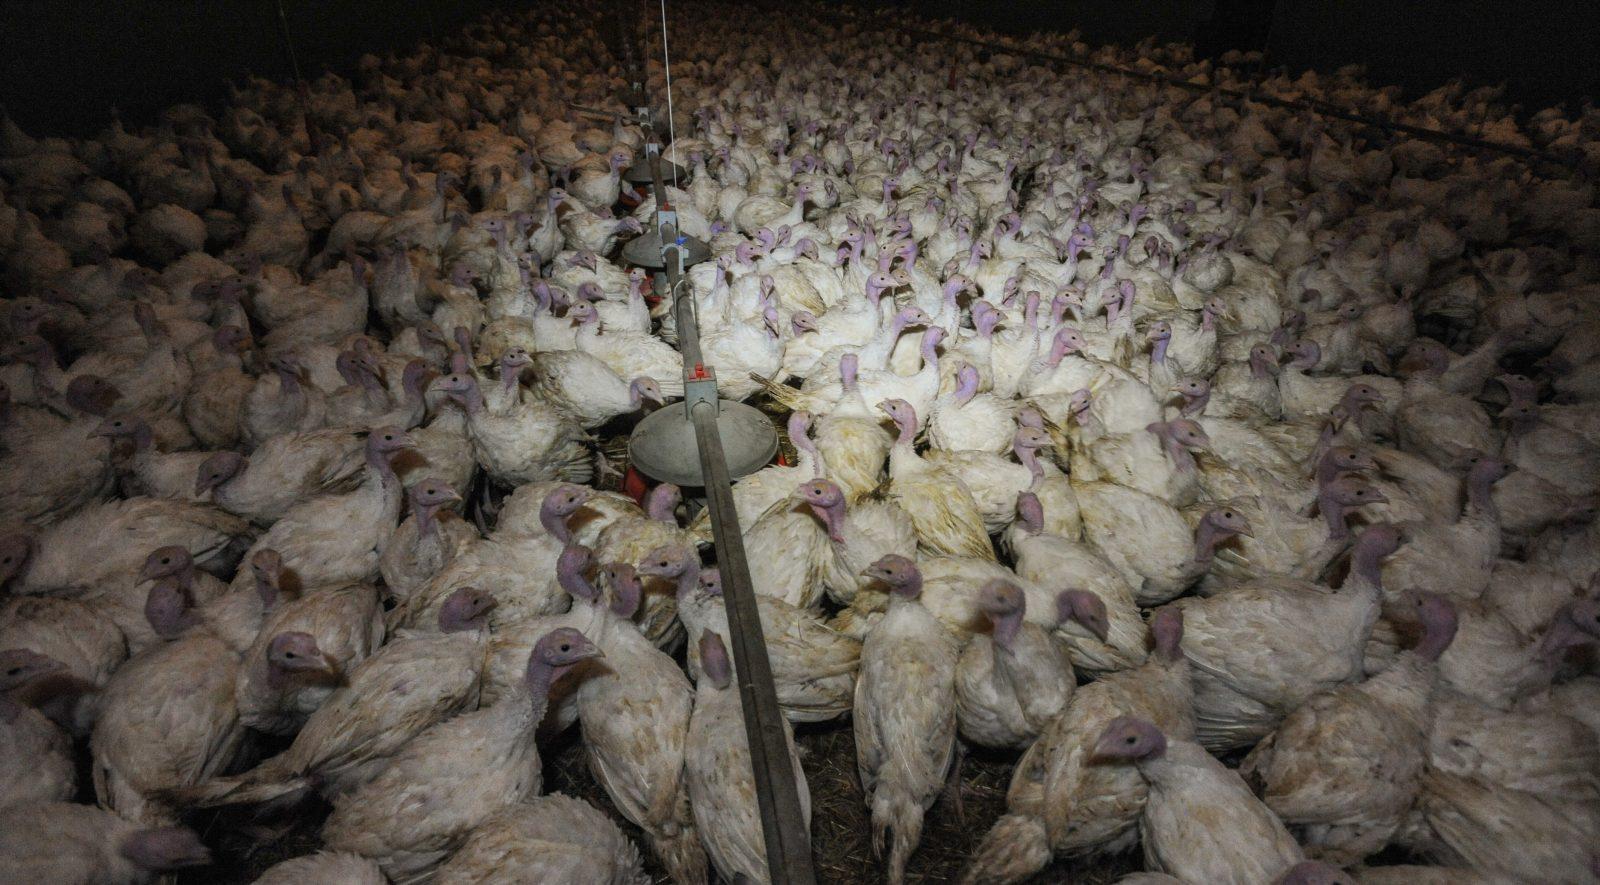 Factory-farmed turkeys.